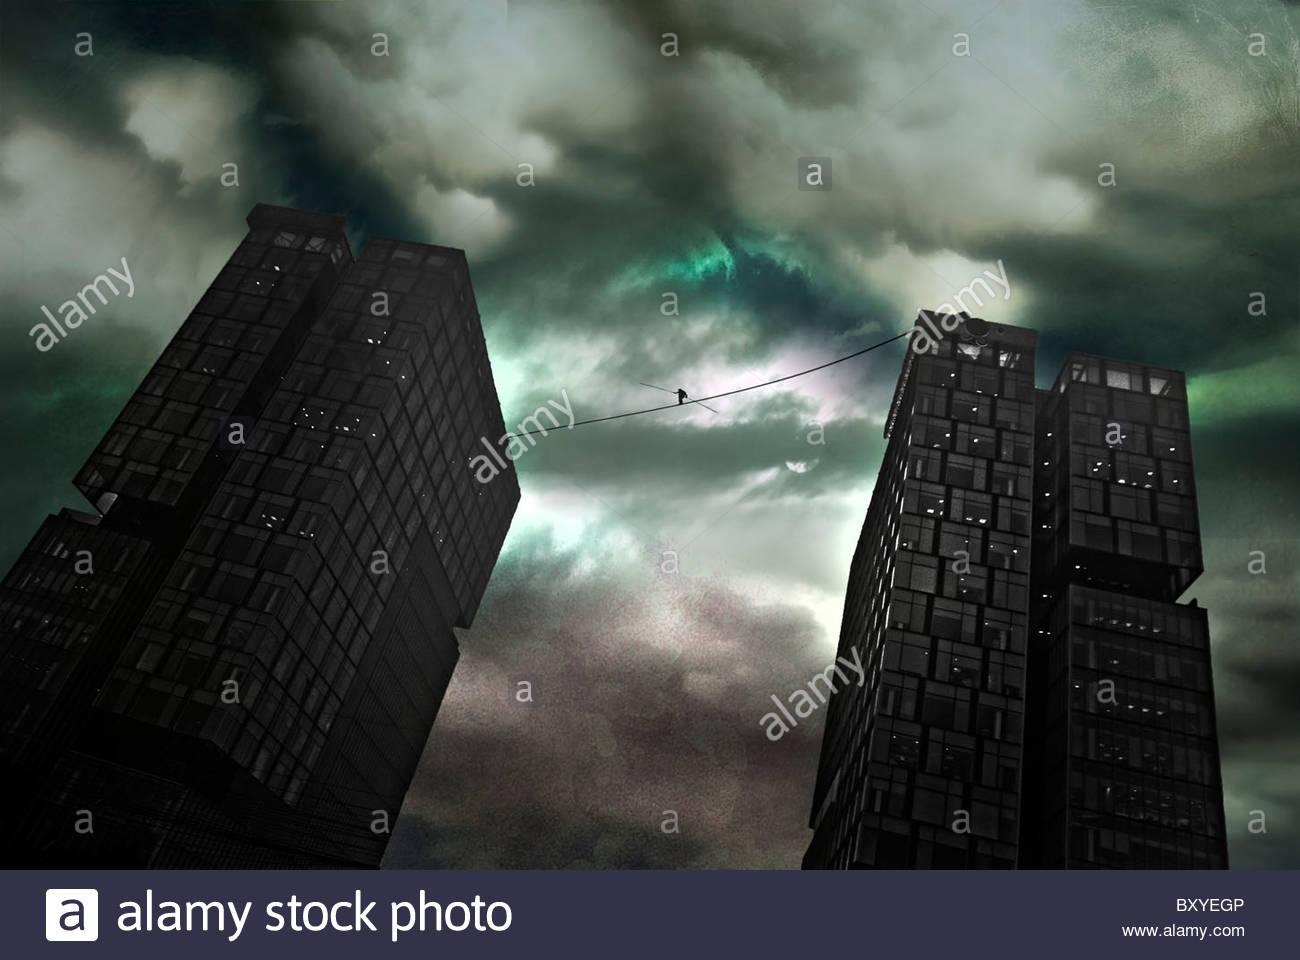 Una figura a piedi una corda tra due grandi edifici per uffici sotto un cielo tempestoso Immagini Stock